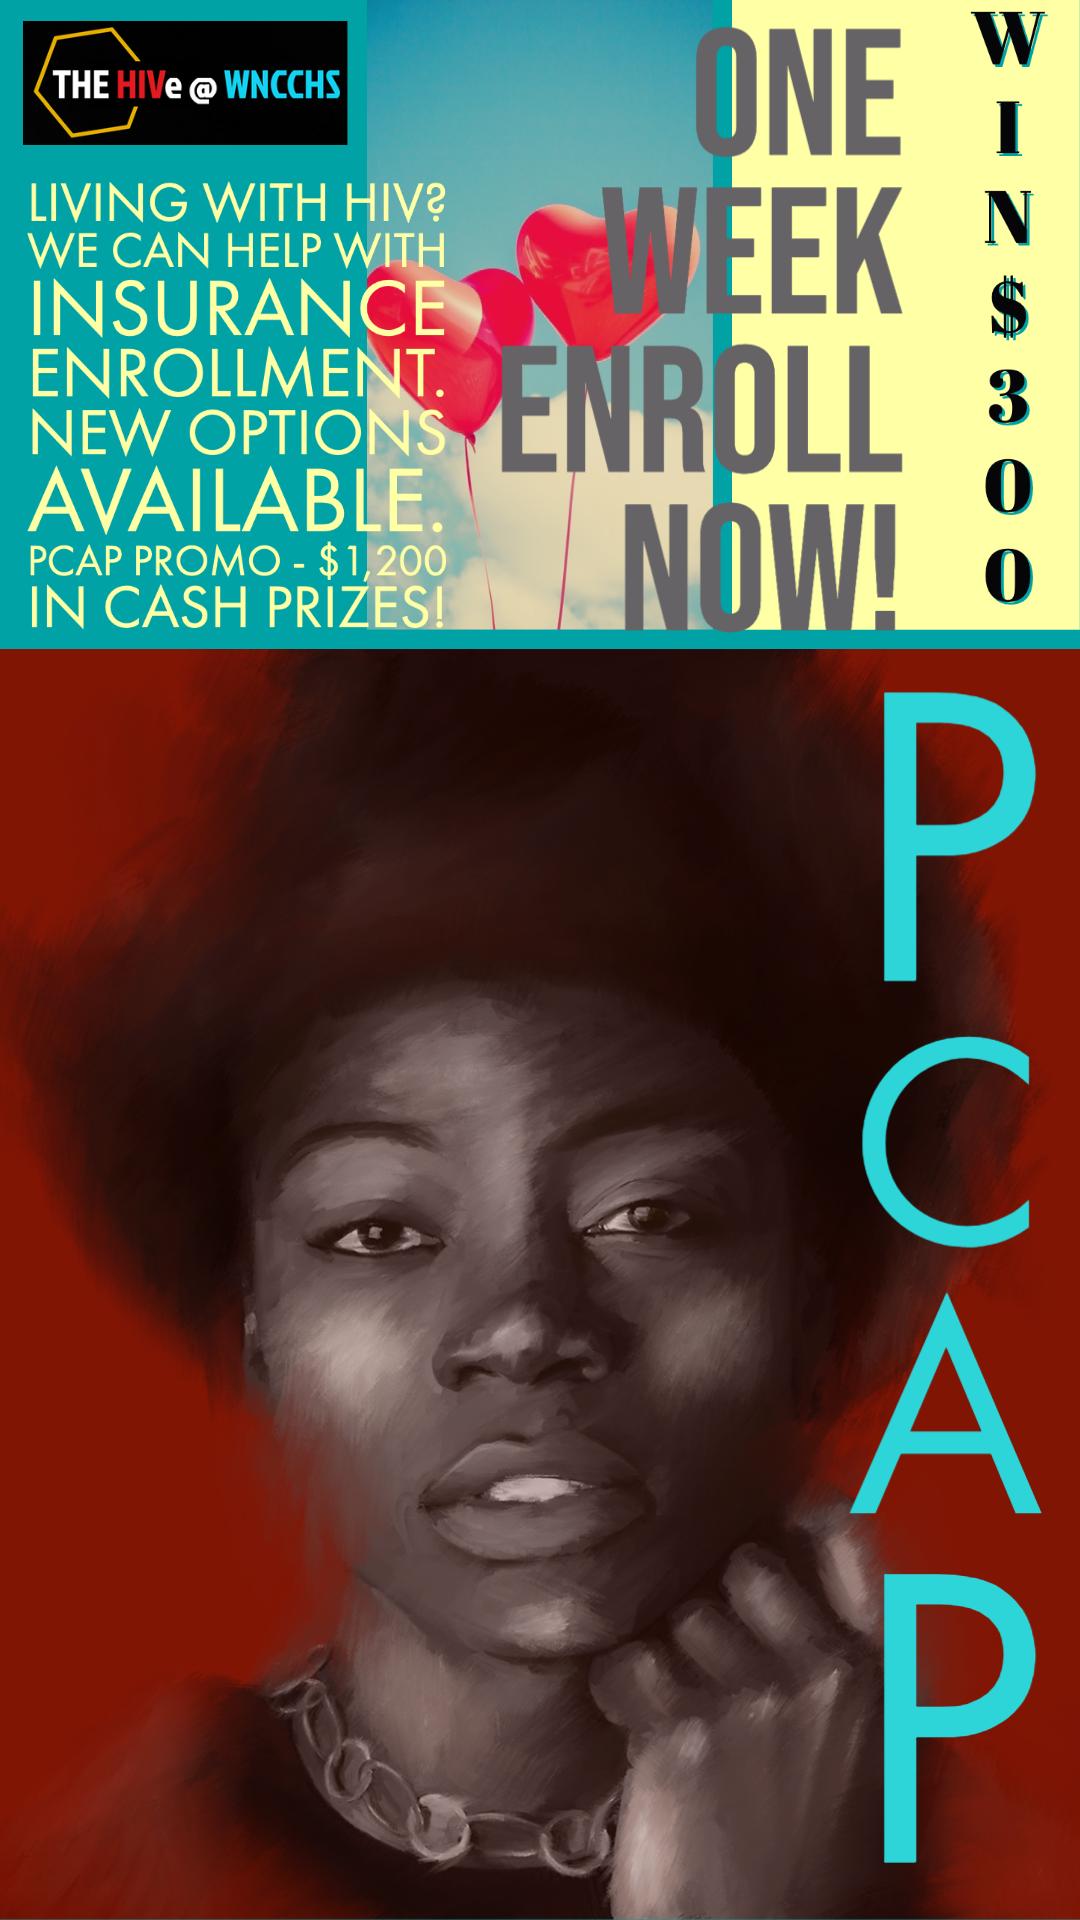 PCAP Promo